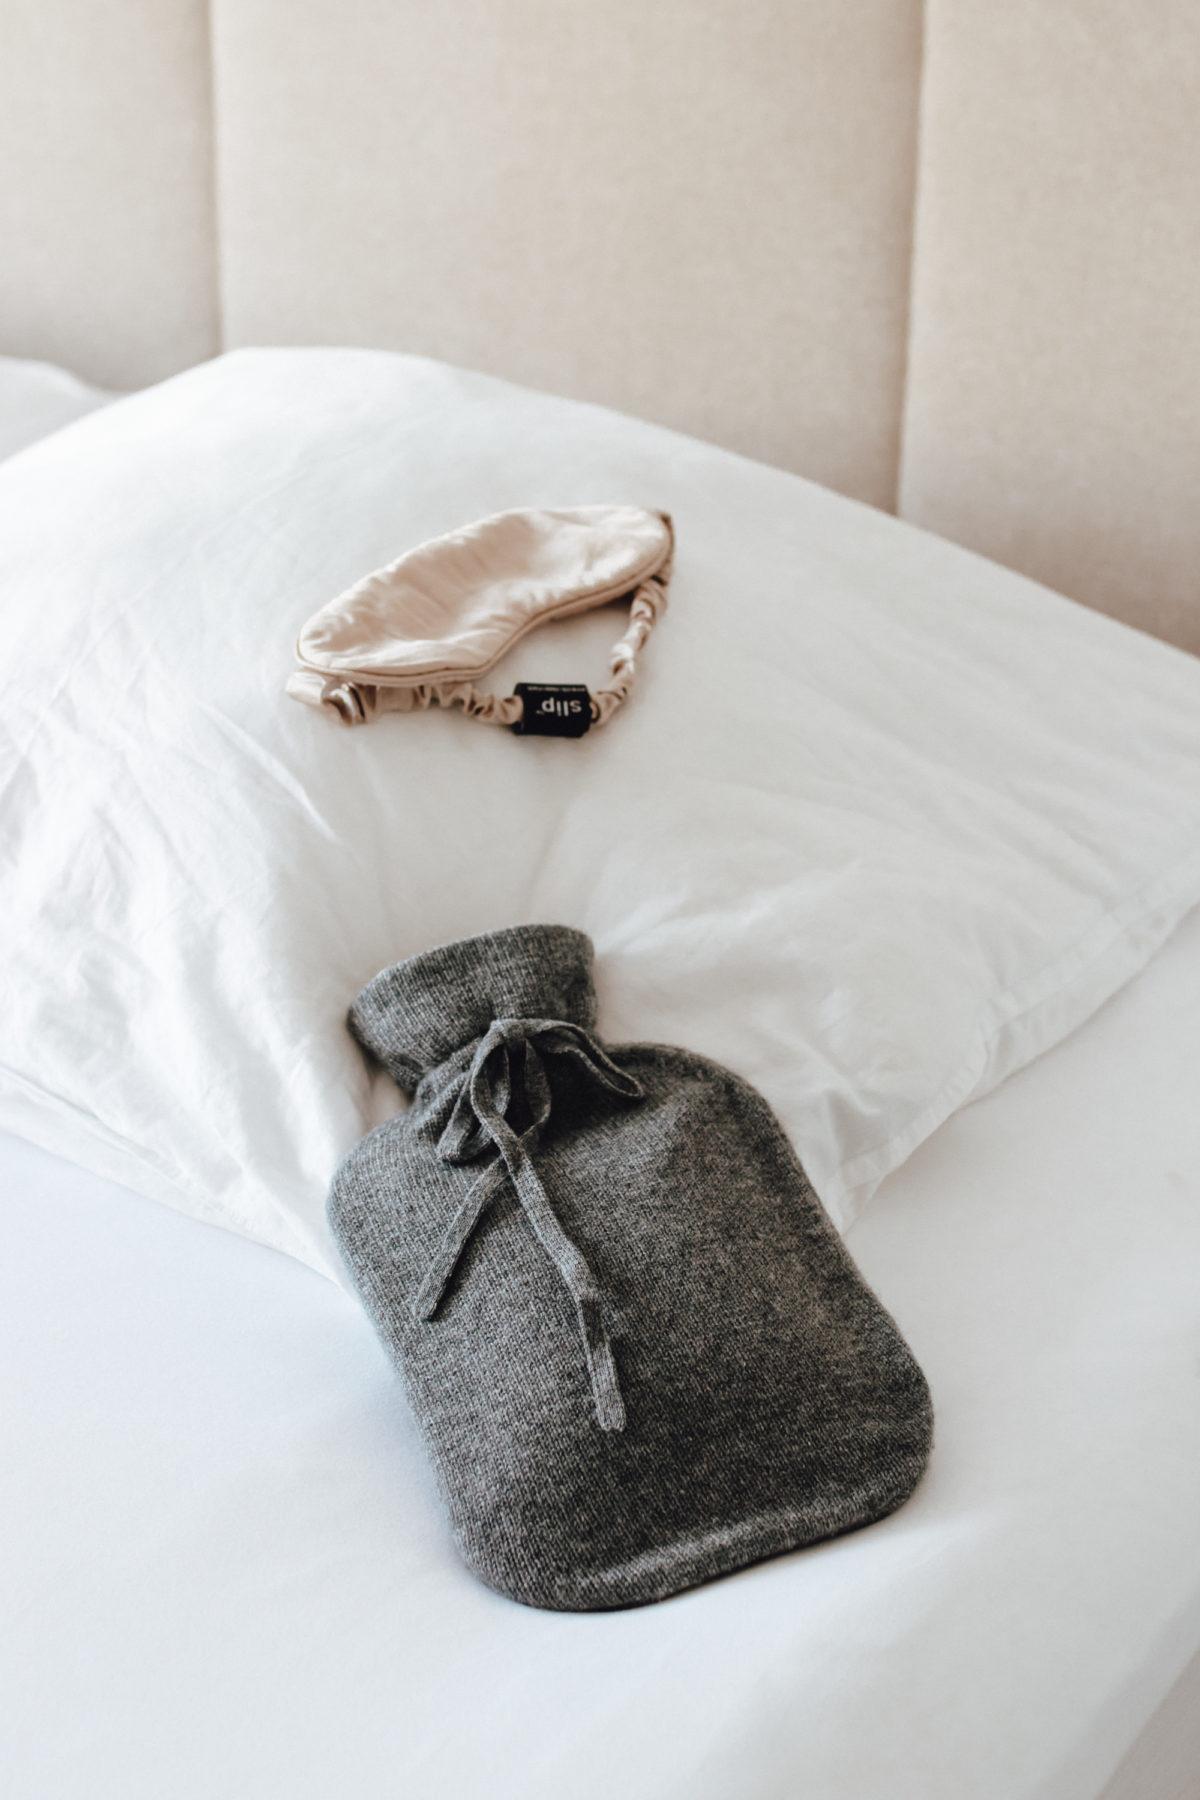 Interior Reveal: Schlafzimmer auf dme österreichischem Lifestyle Blog Bits and Bobs by Eva. Mehr Einrichtung auf www.bitsandbobsbyeva.com